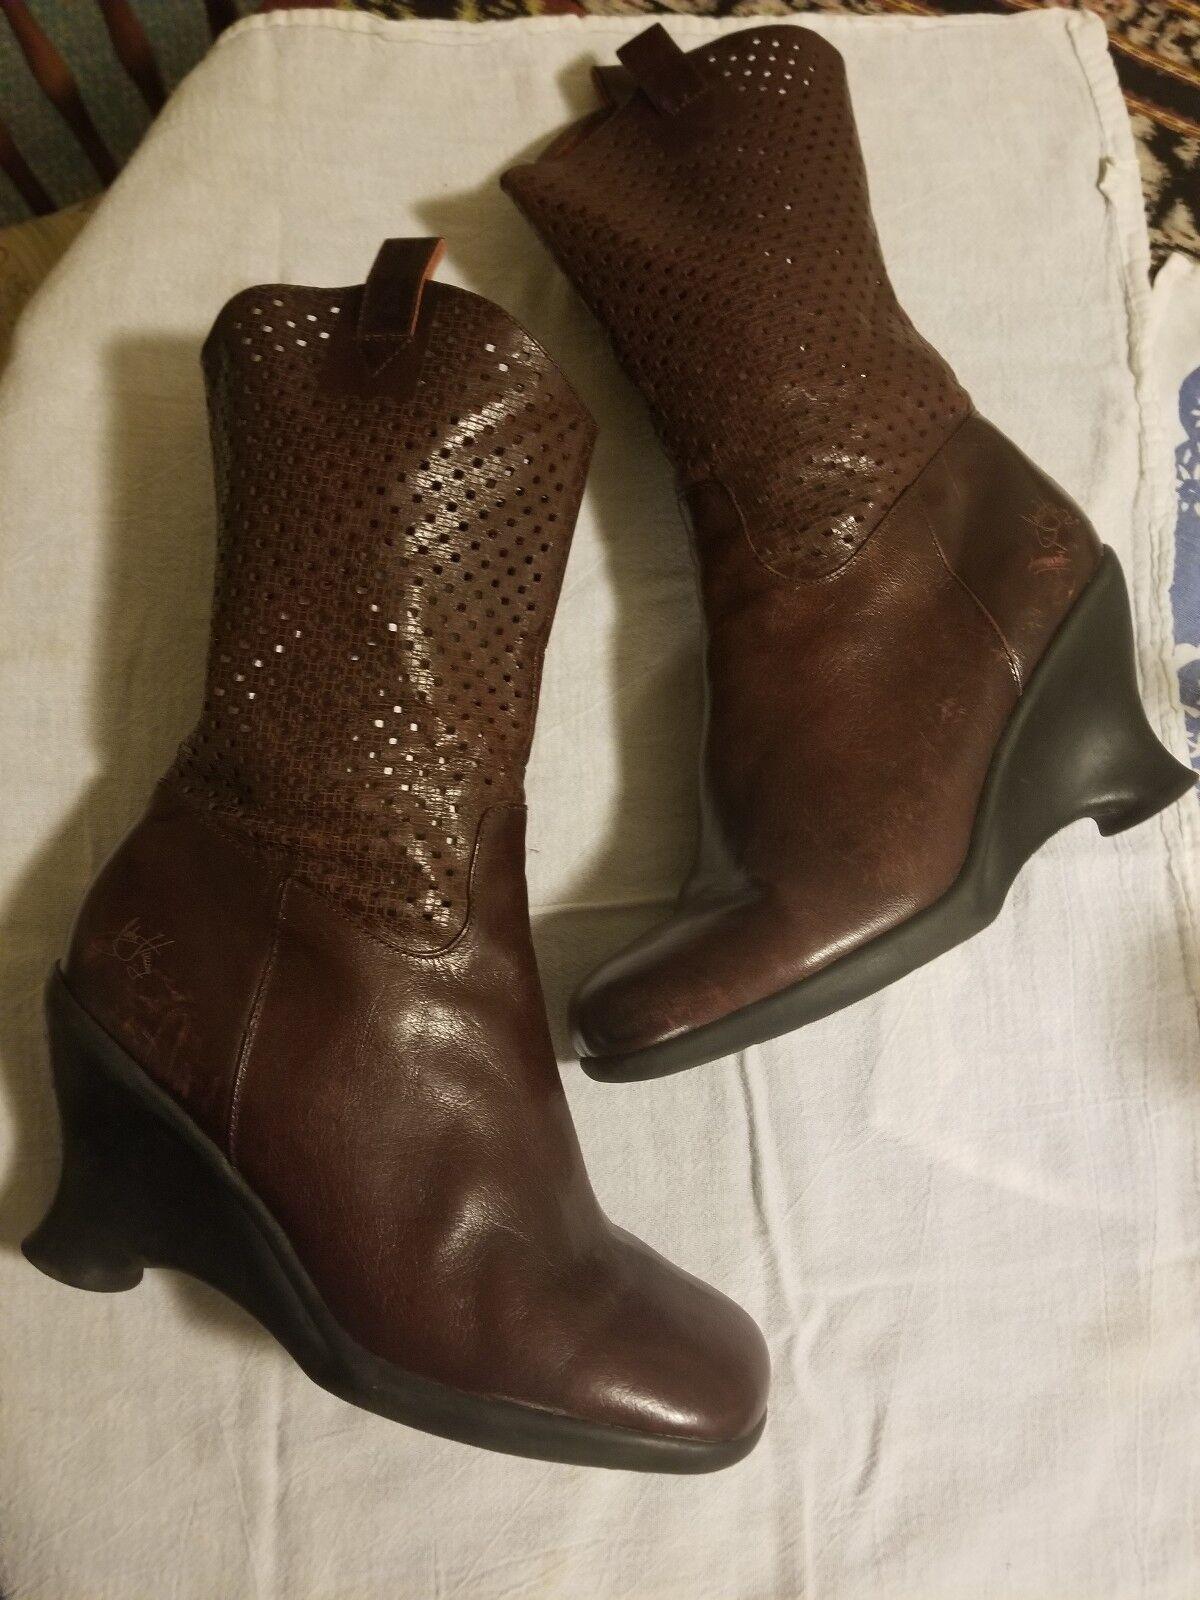 John John John Fluevog para mujeres Cuero Marrón Tacón Con Plataforma botas Mitad de Pantorrilla punchwork Capelladas 9.5  de moda